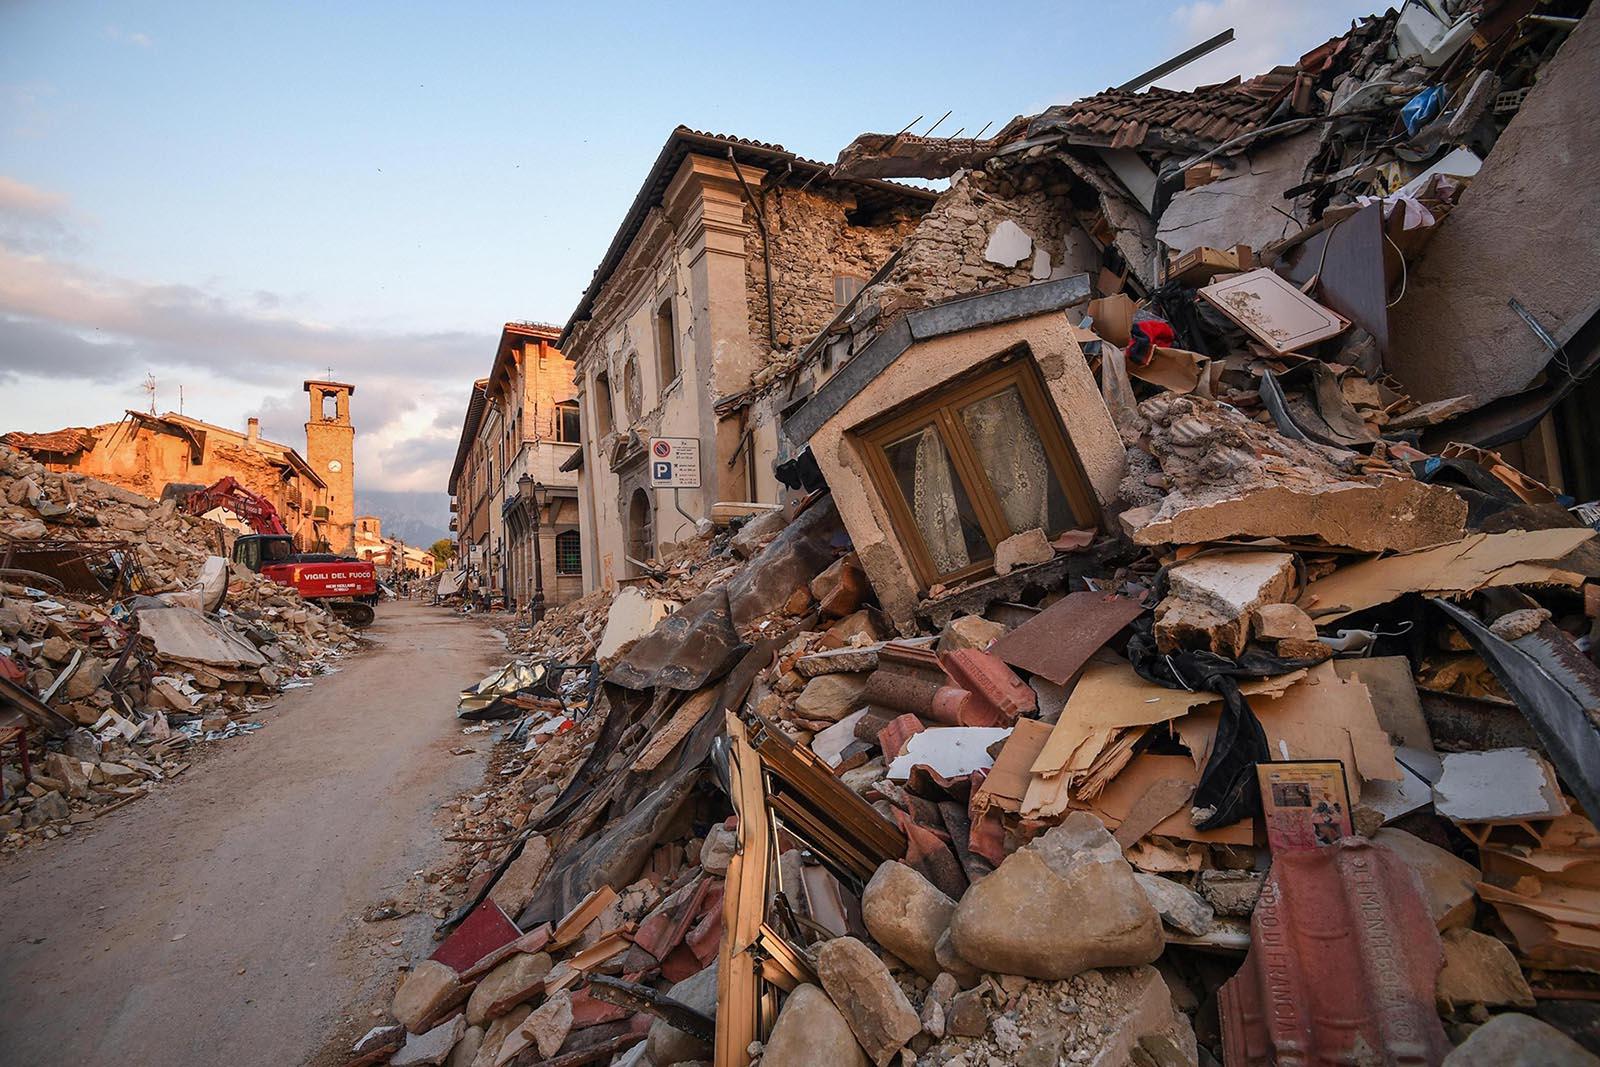 Preghiera per l'Appennino: <br />il prossimo festival di Sanremo <br />facciamolo all'Aquila. E il Consiglio <br />dei ministri? In Calabria